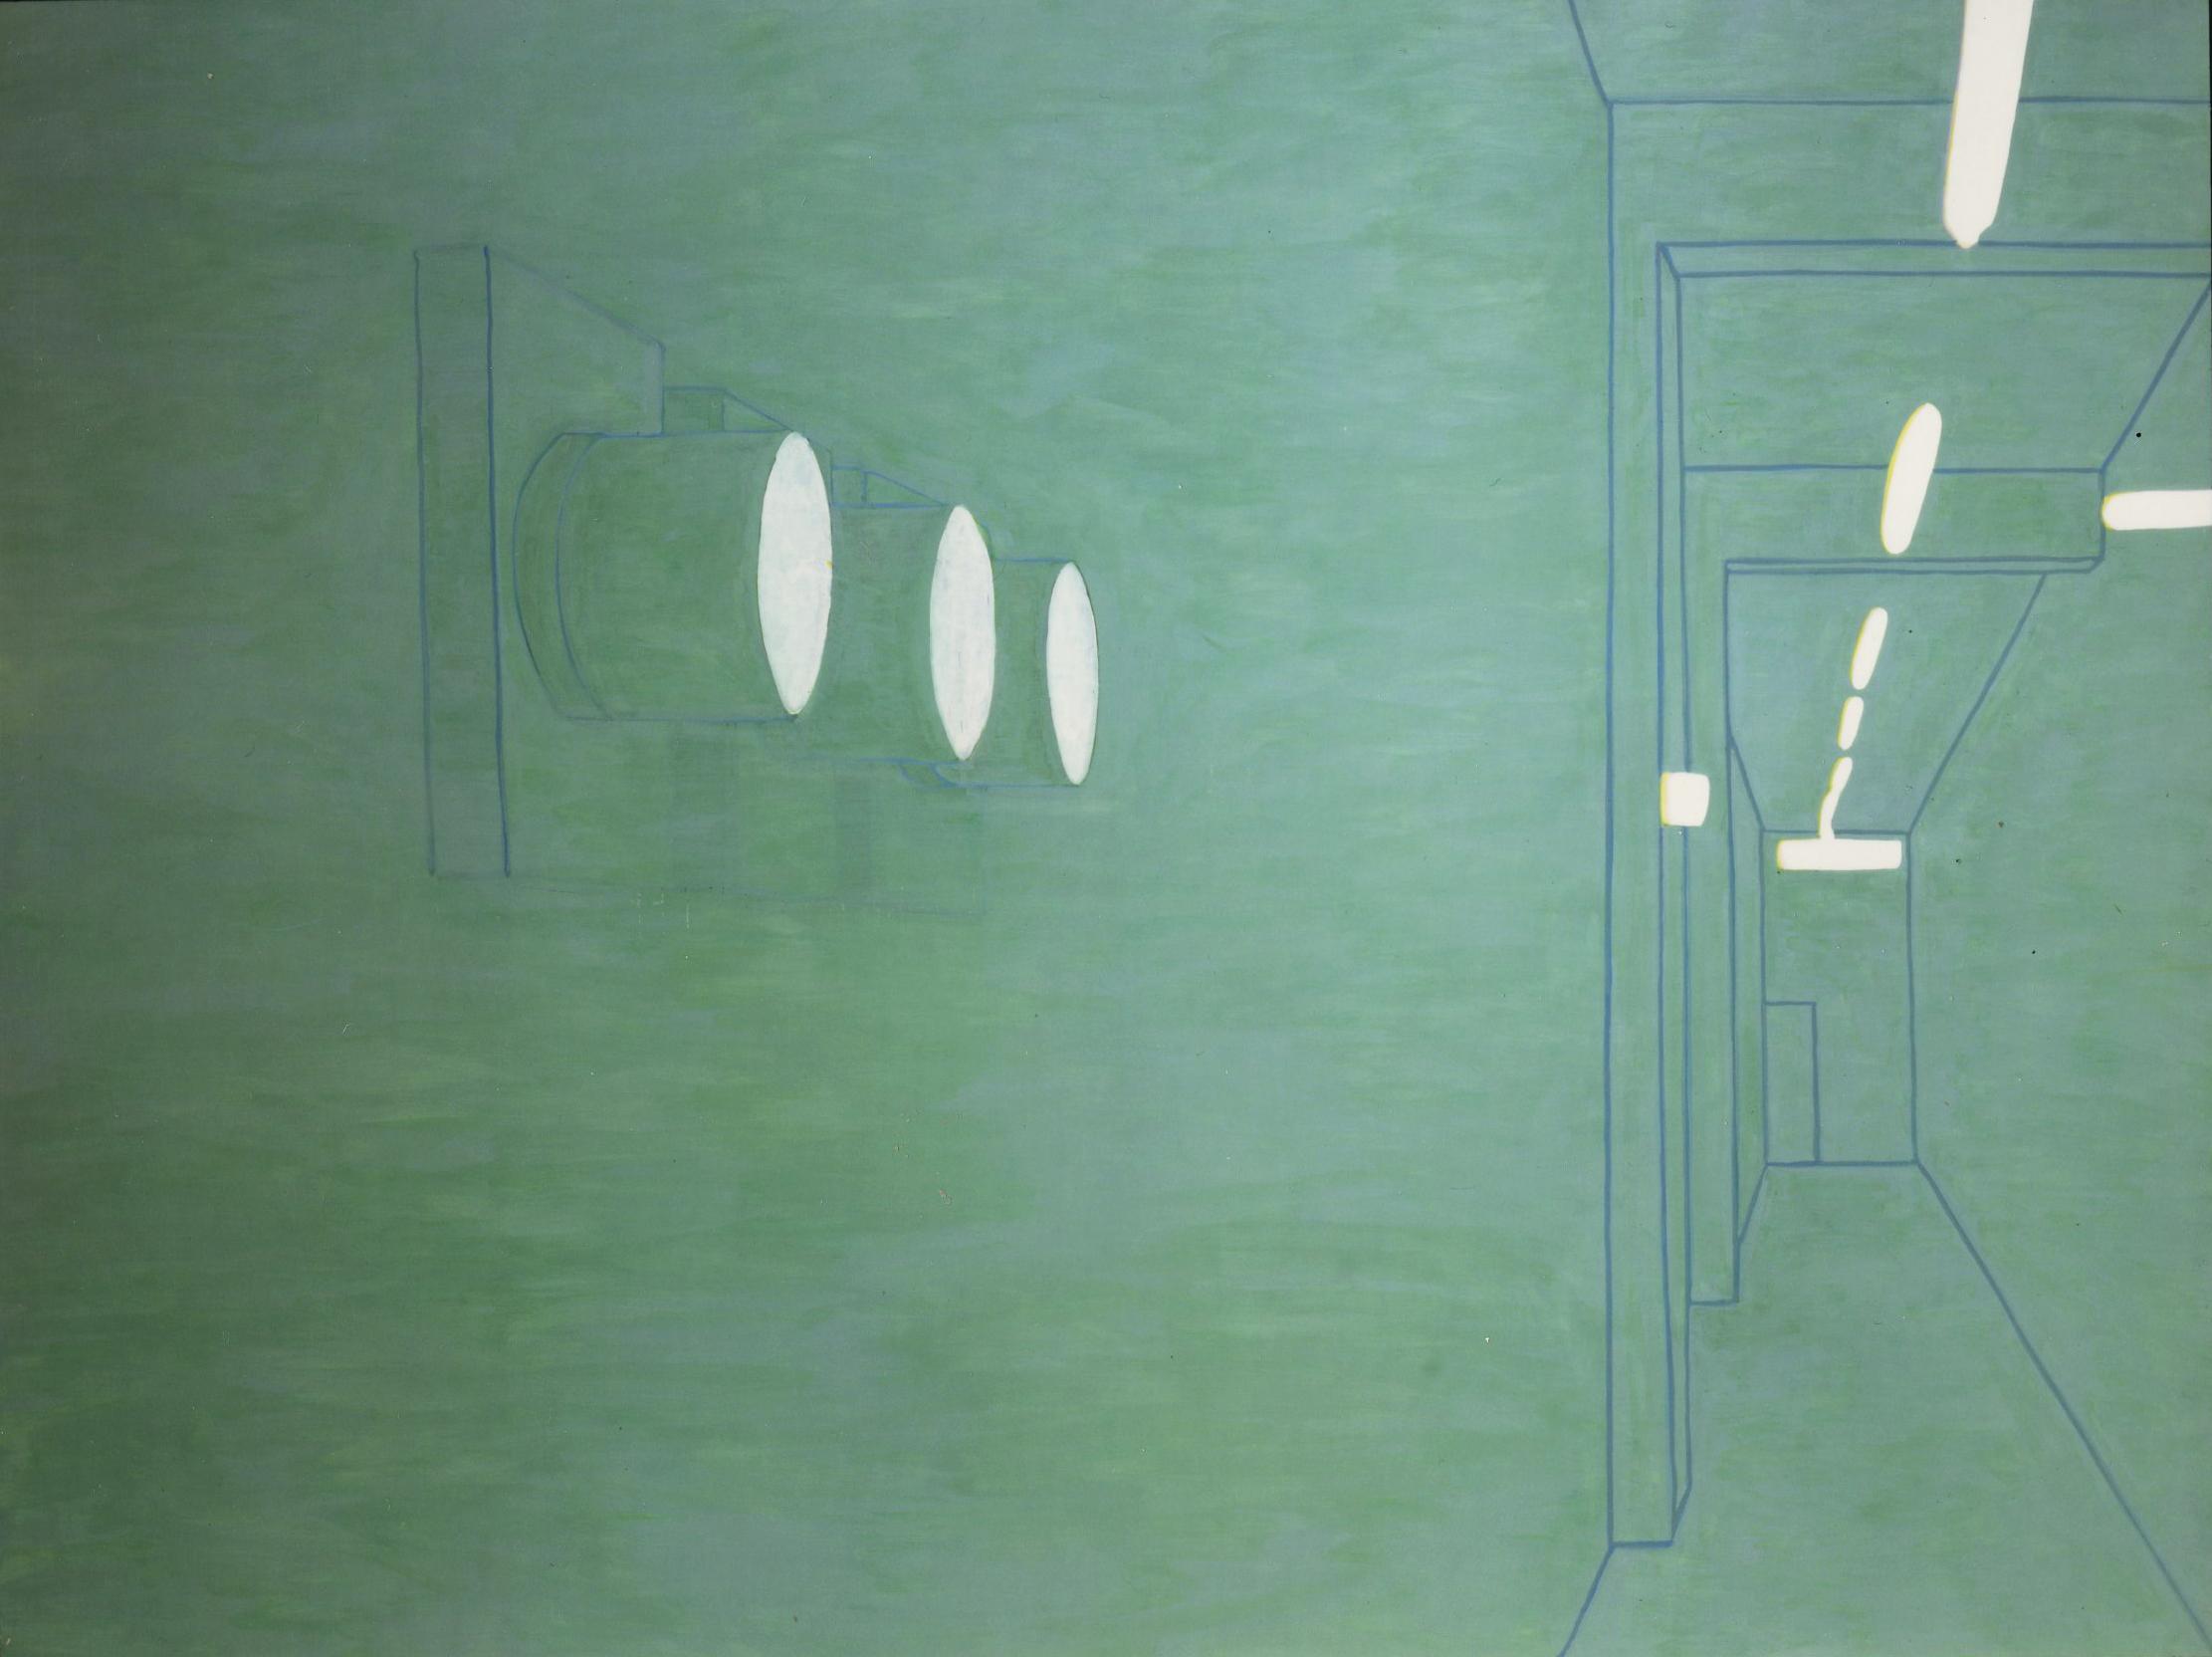 Pancrazzi, Interno di Paesaggio, 2000, olio su tela, 150×200 cm